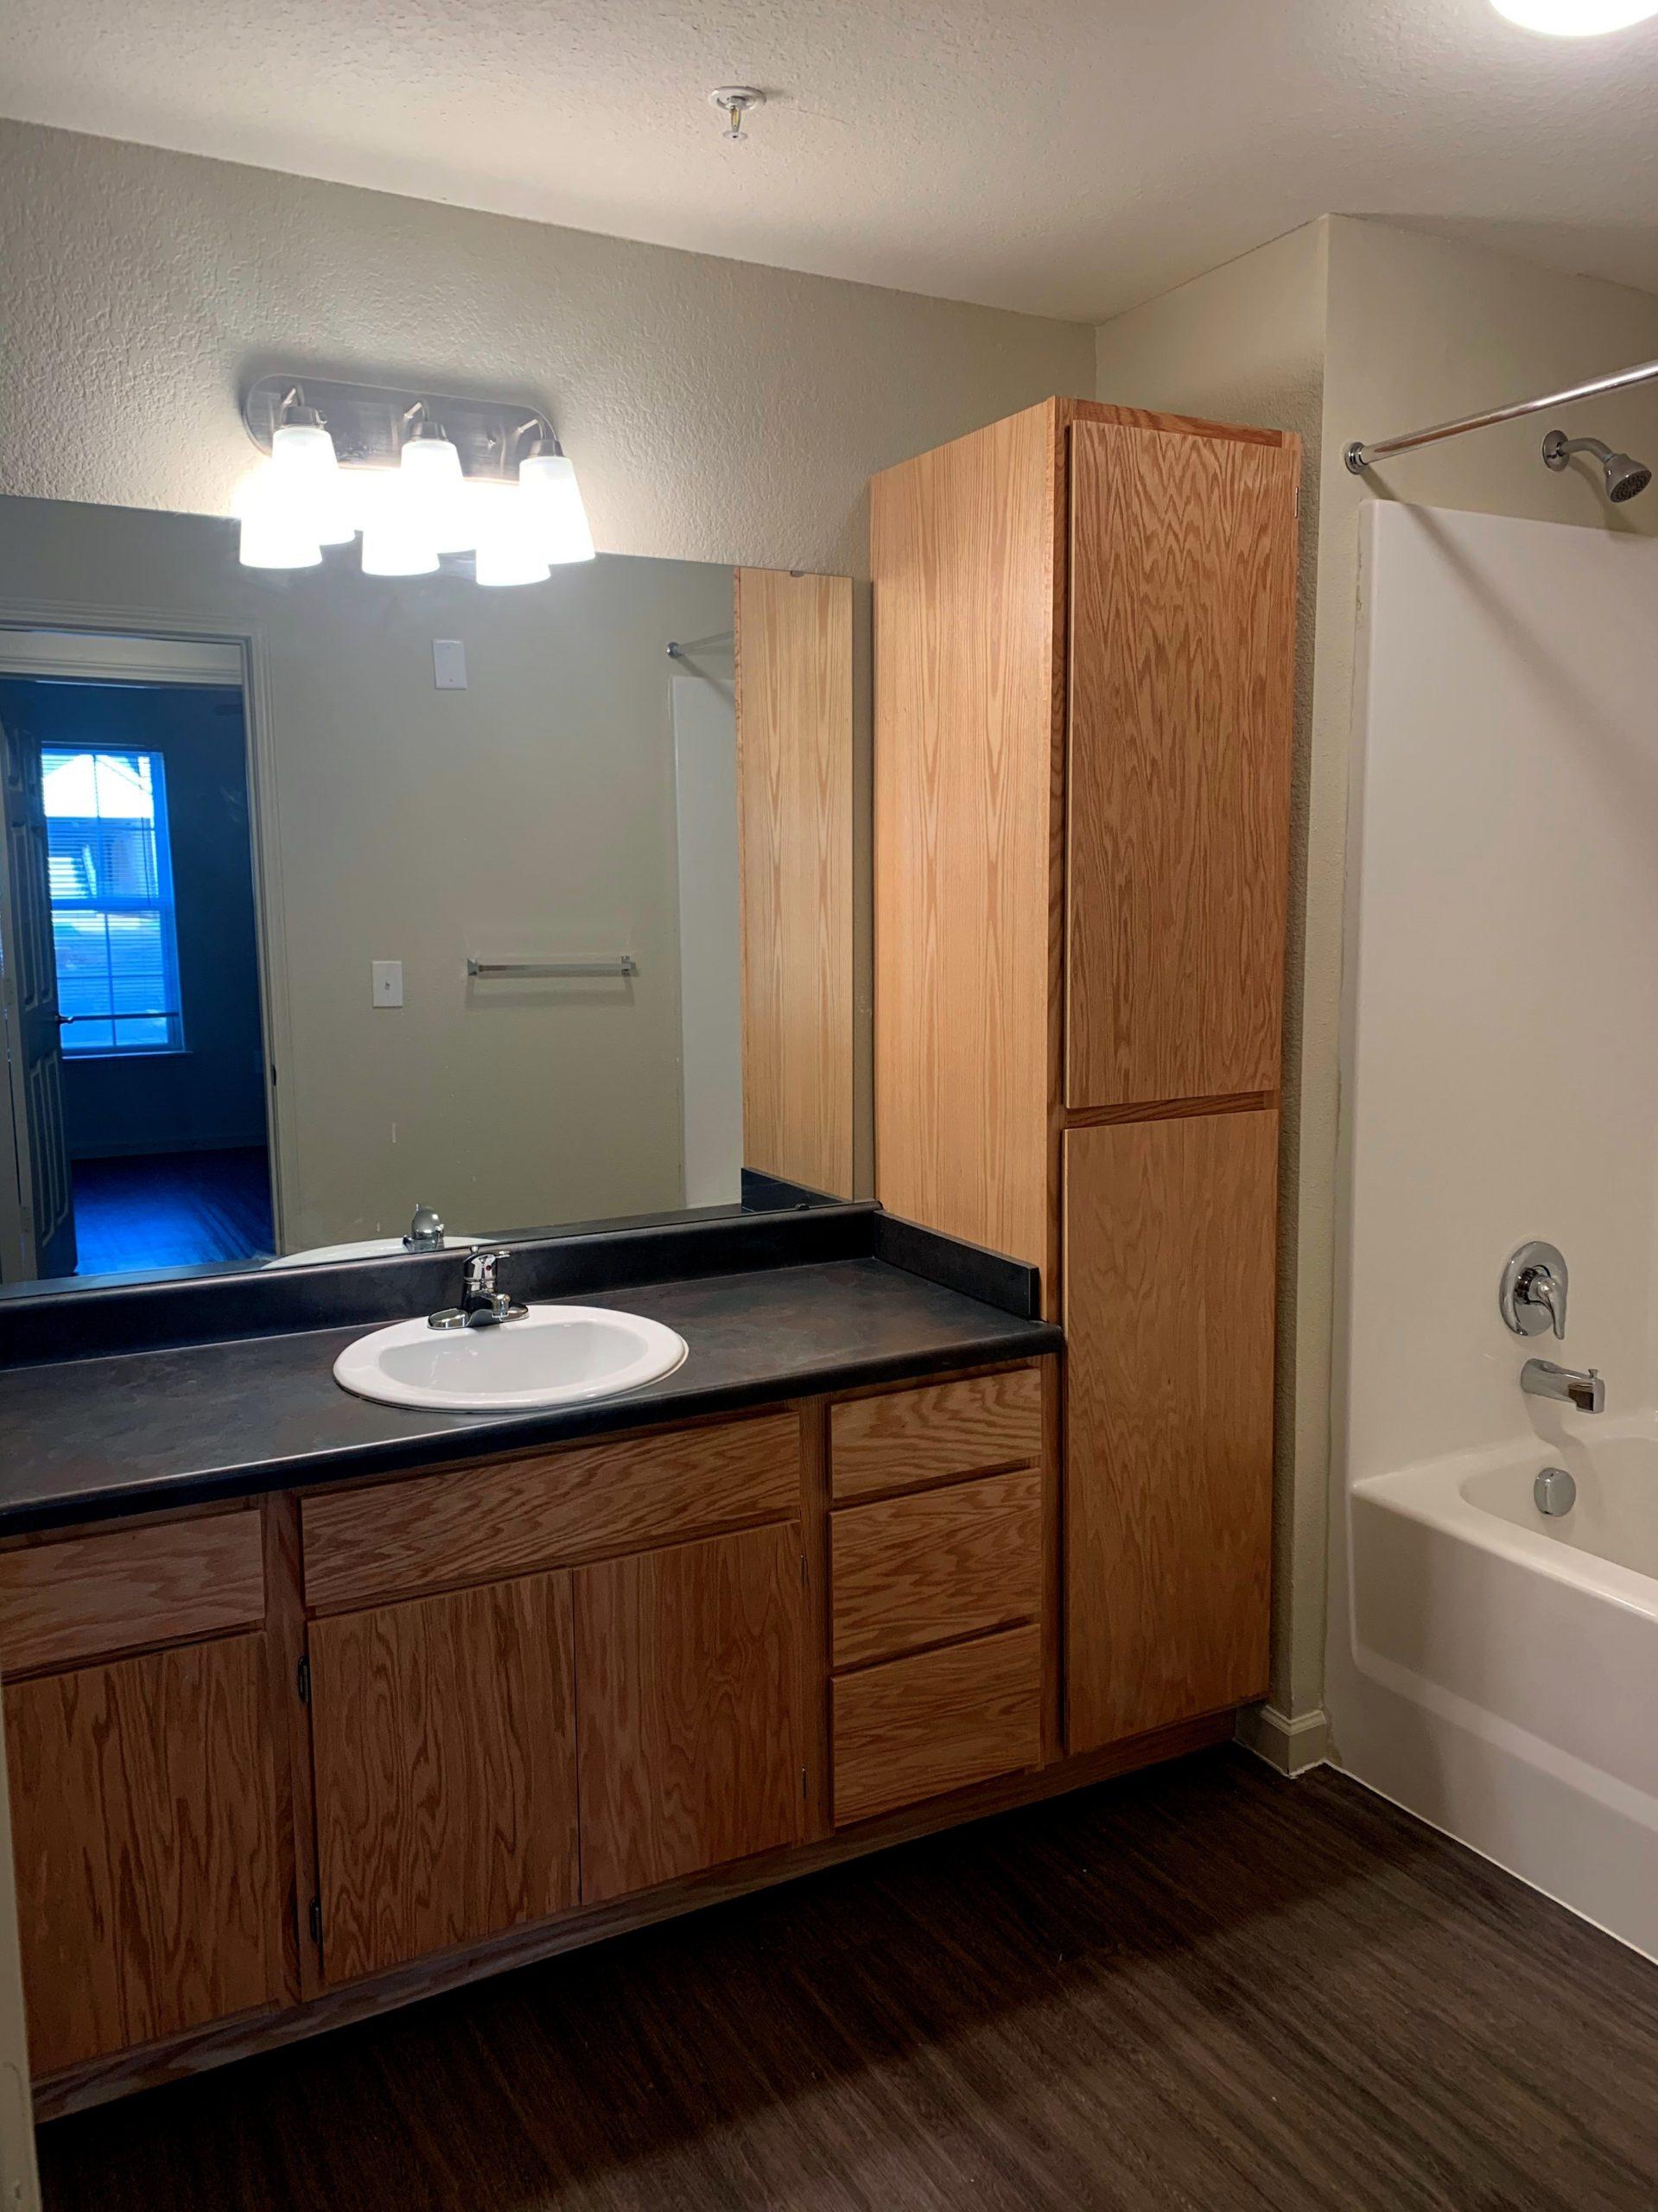 Tupelo Ridge WArner Robbins GA Bathroom 4 Bedroom